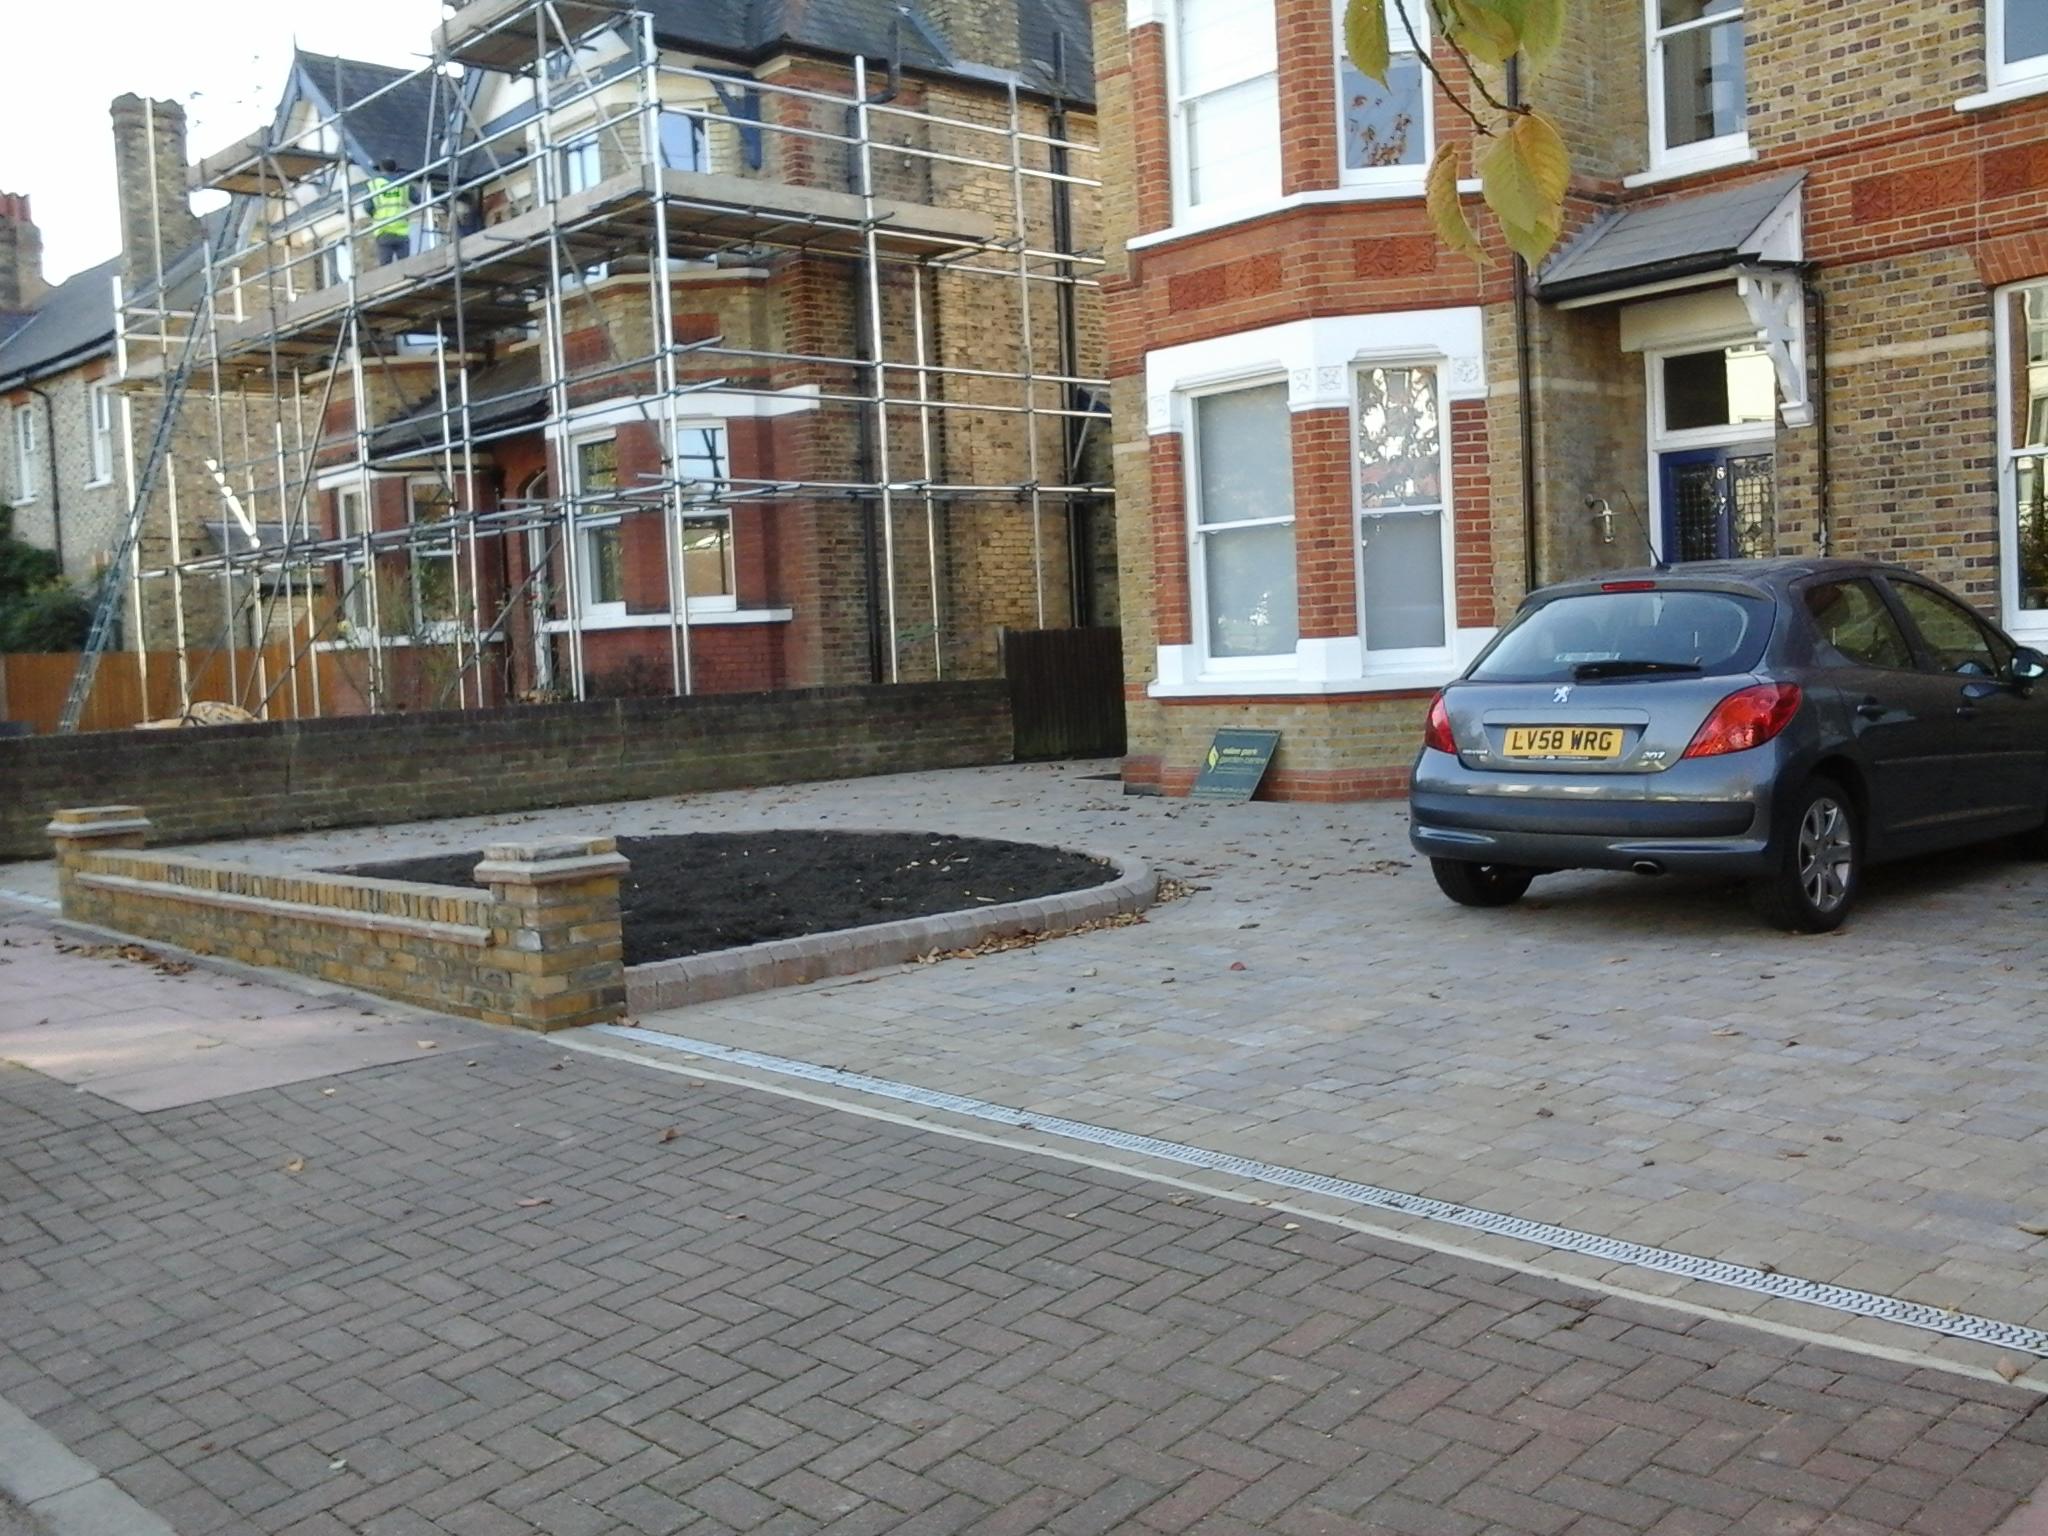 driveway9.jpg